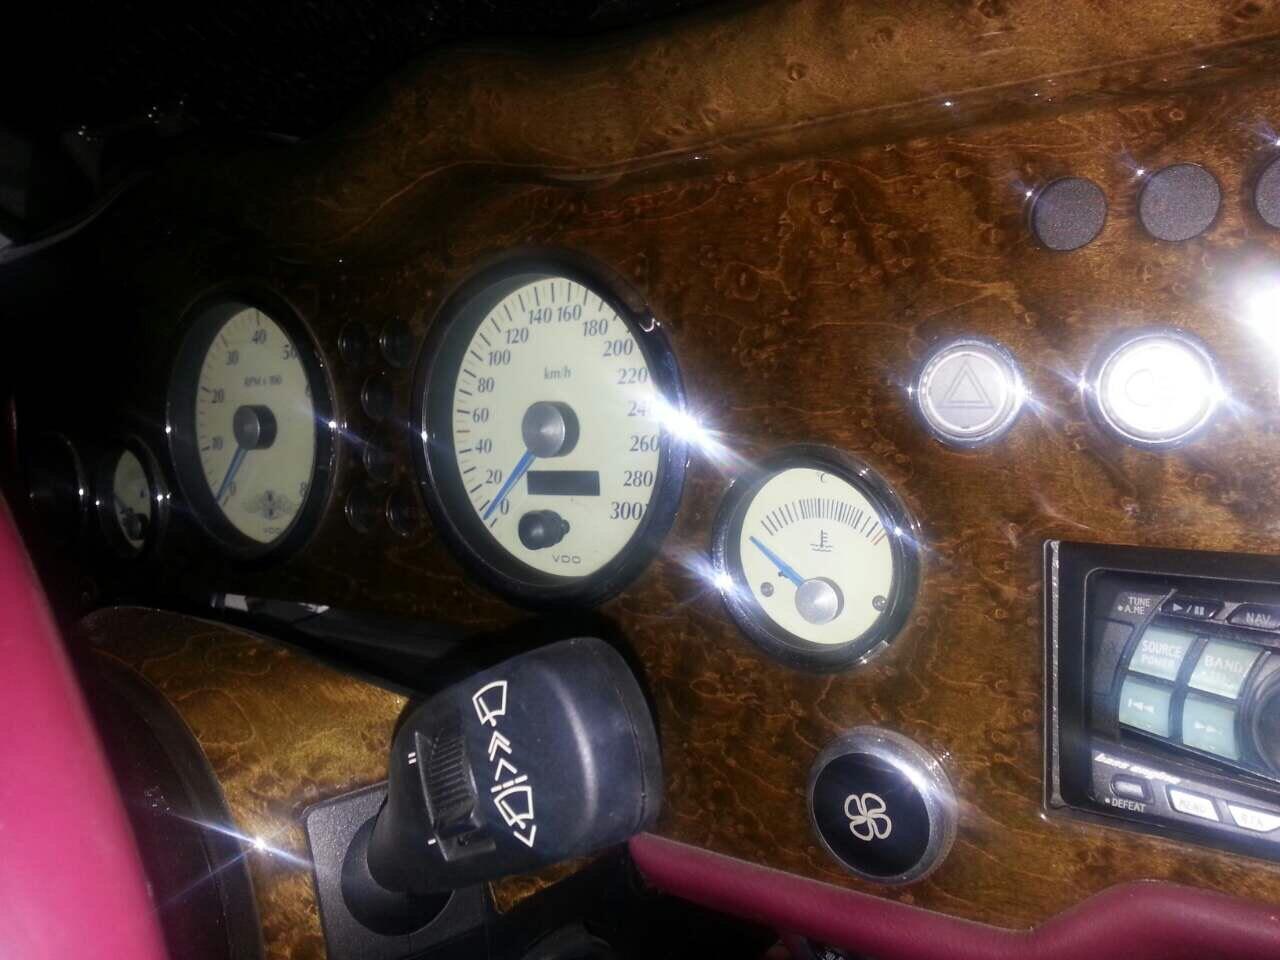 Легковий автомобіль легковий-загальний купе-В MORGAN AERO 8, об'єм дв. 4398 куб.см., 2006р.в., №SA9AER080004J0401, номер держ. реєст. АА5917ТХ; Основні засоби у кільк. 724 одиниці.